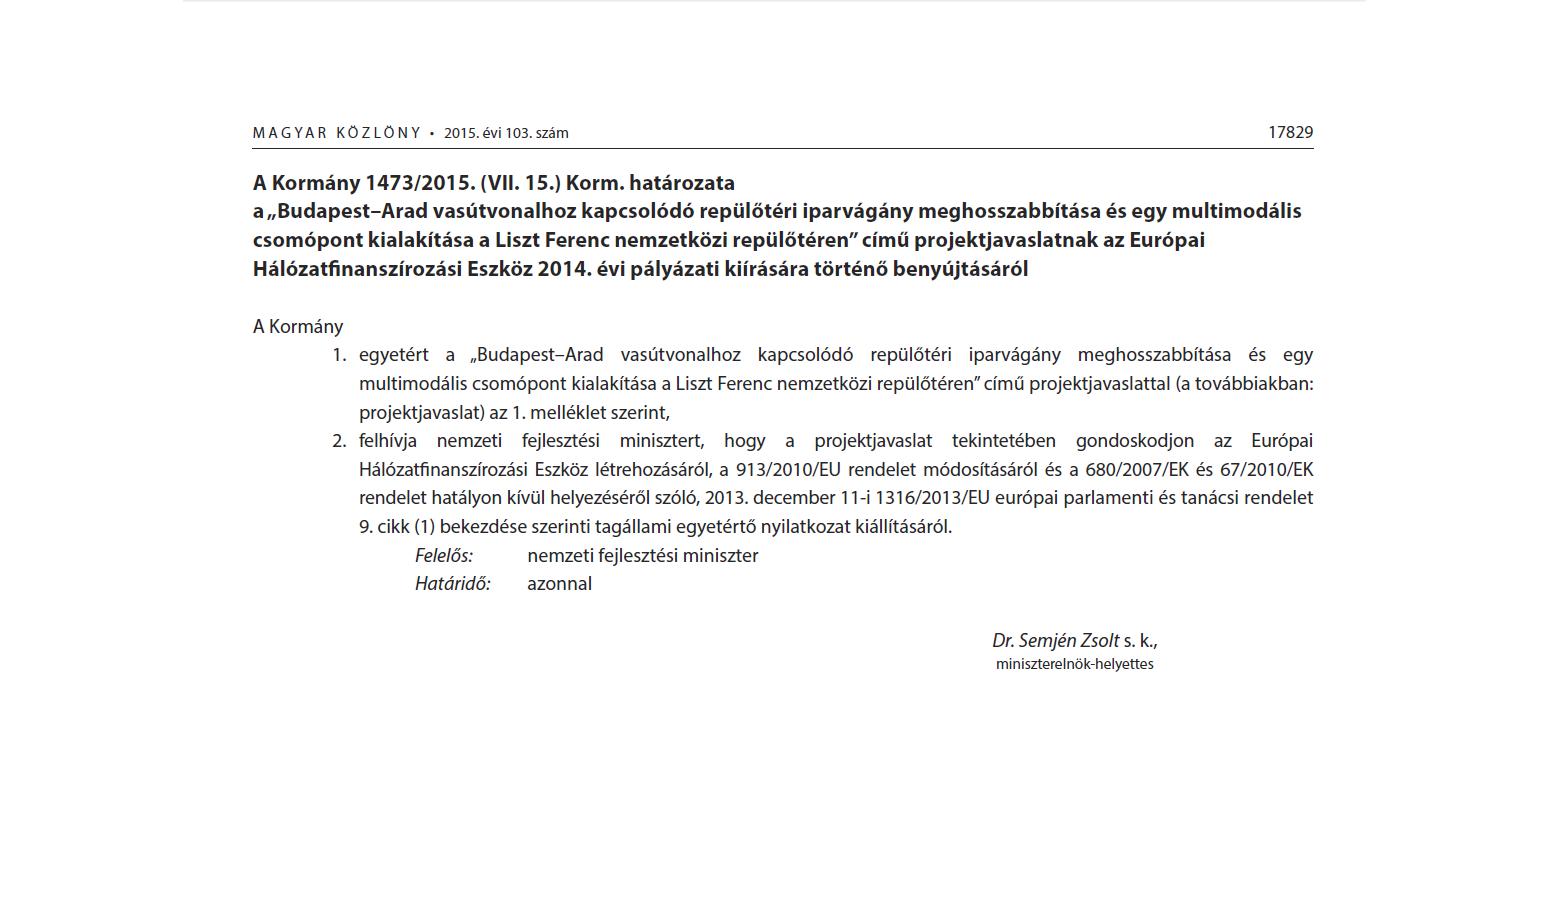 A Kormány 1473/2015. (VII. 15.) Korm. határozata. | © AIRportal.hu